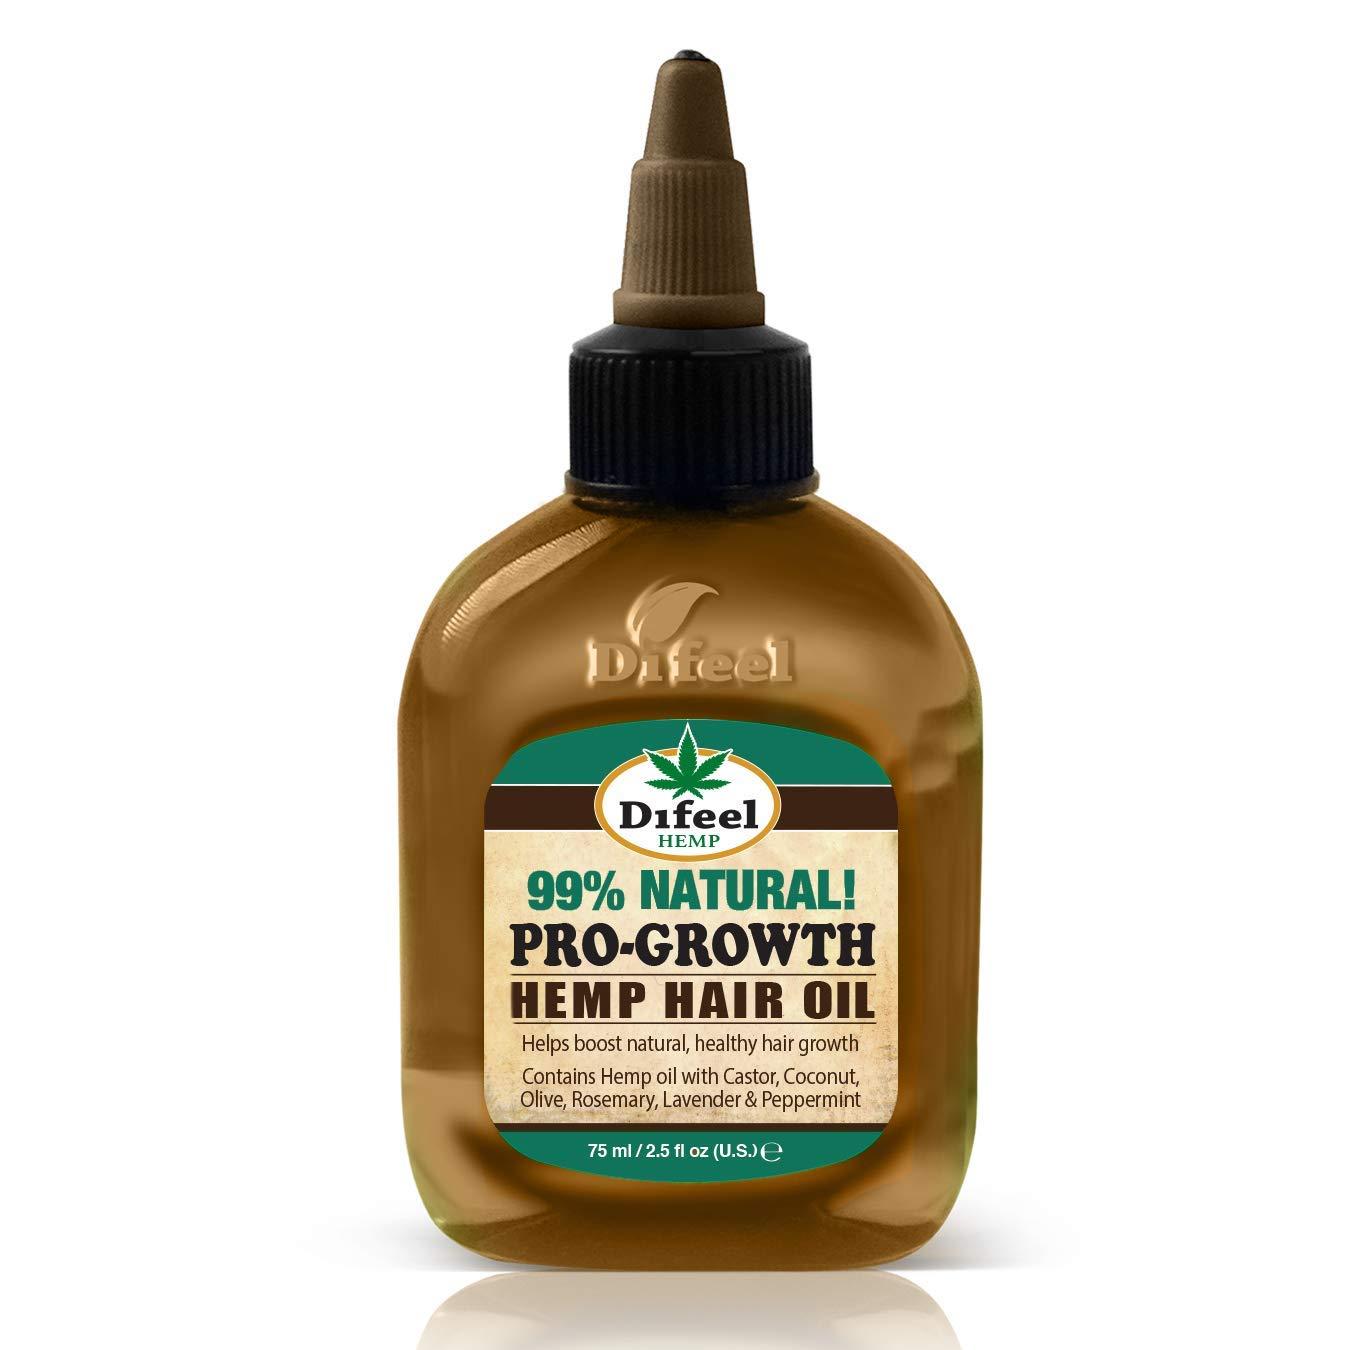 Difeel Hemp 99% Natural Hemp Hair Oil - Pro-Growth 2.5 ounce